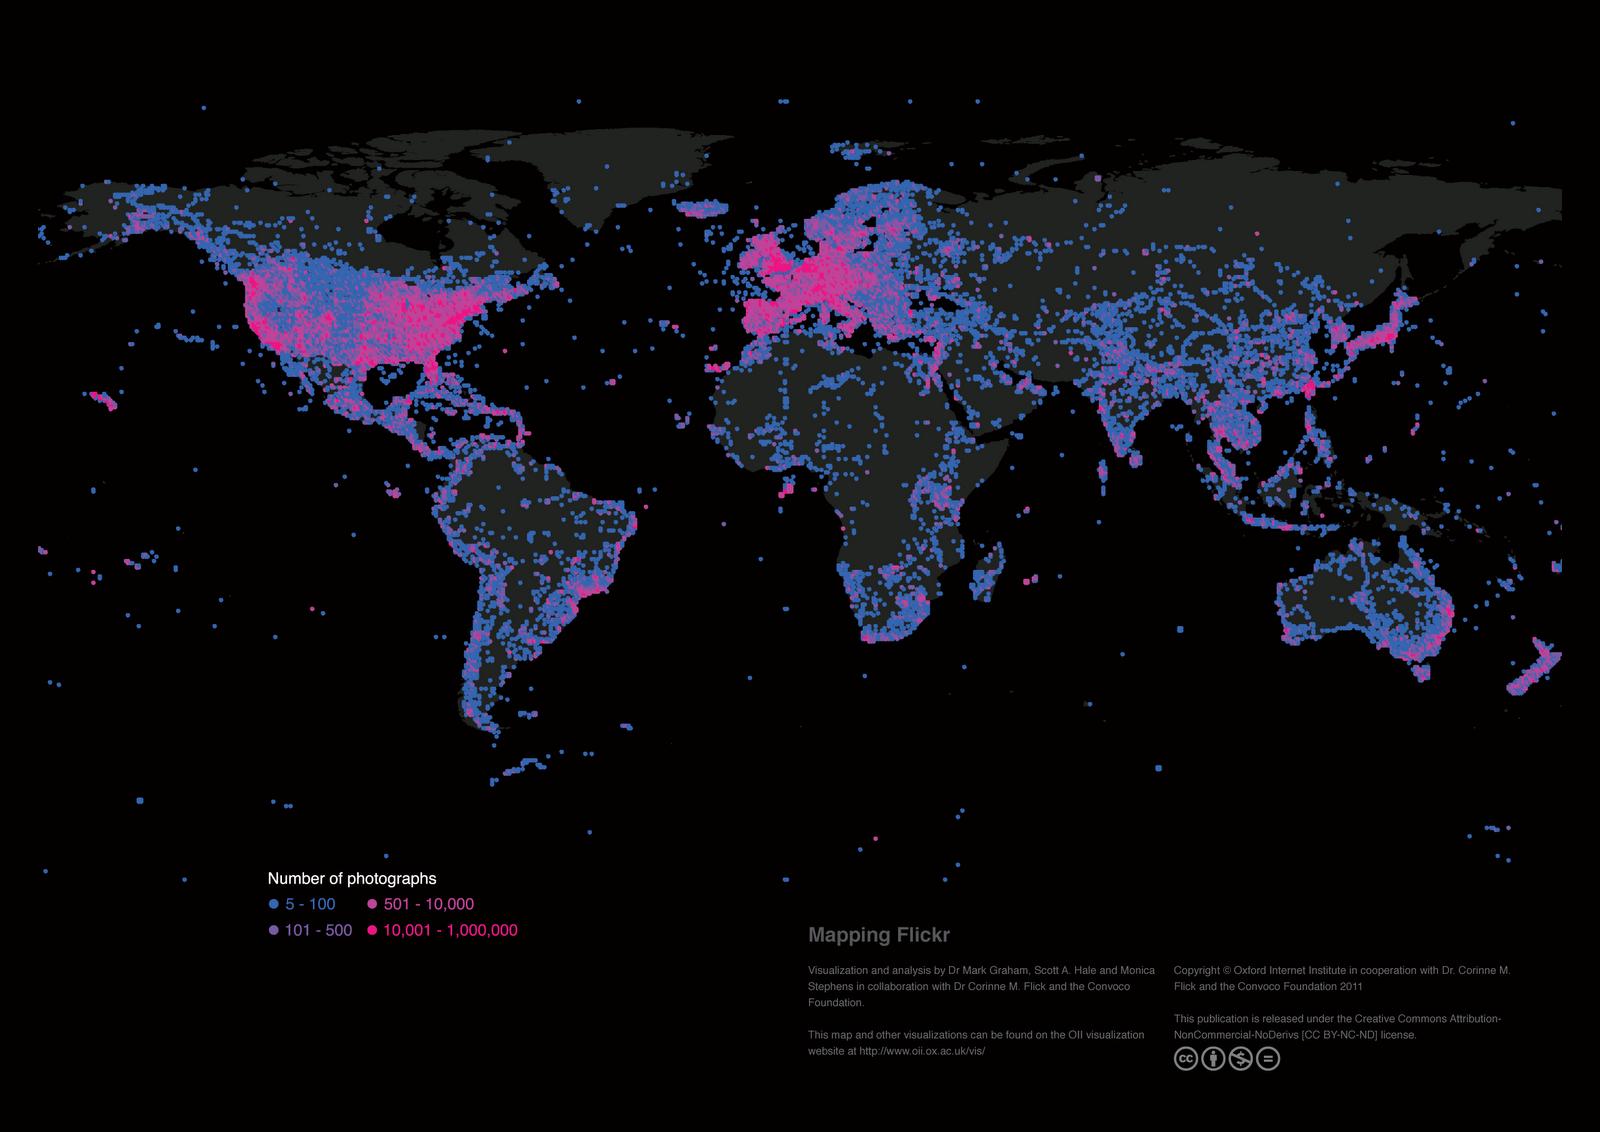 Bota sipas syve të Flickr